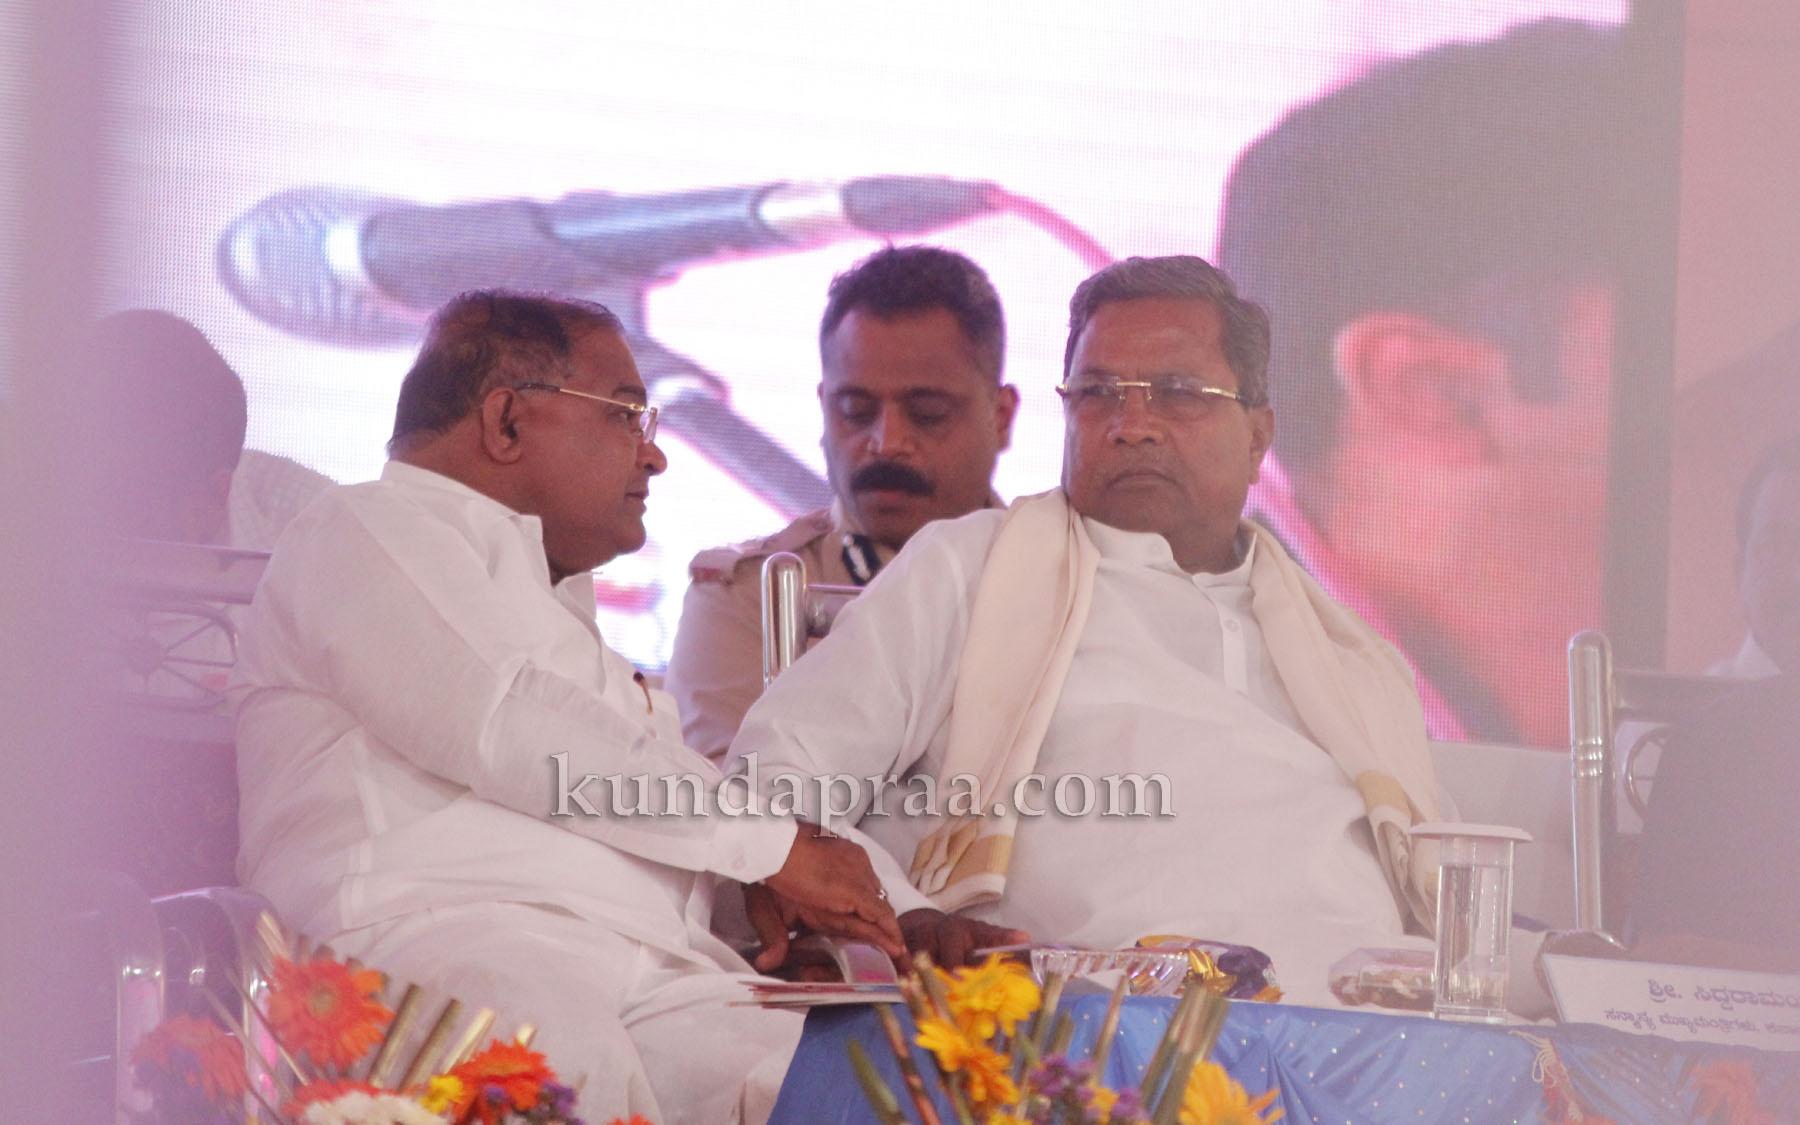 ಗೋಪಾಲ ಪೂಜಾರಿ ಜನಪರ ಕಾಳಜಿಯ ಶಾಸಕ: ಸಿಎಂ ಸಿದ್ದರಾಮಯ್ಯ